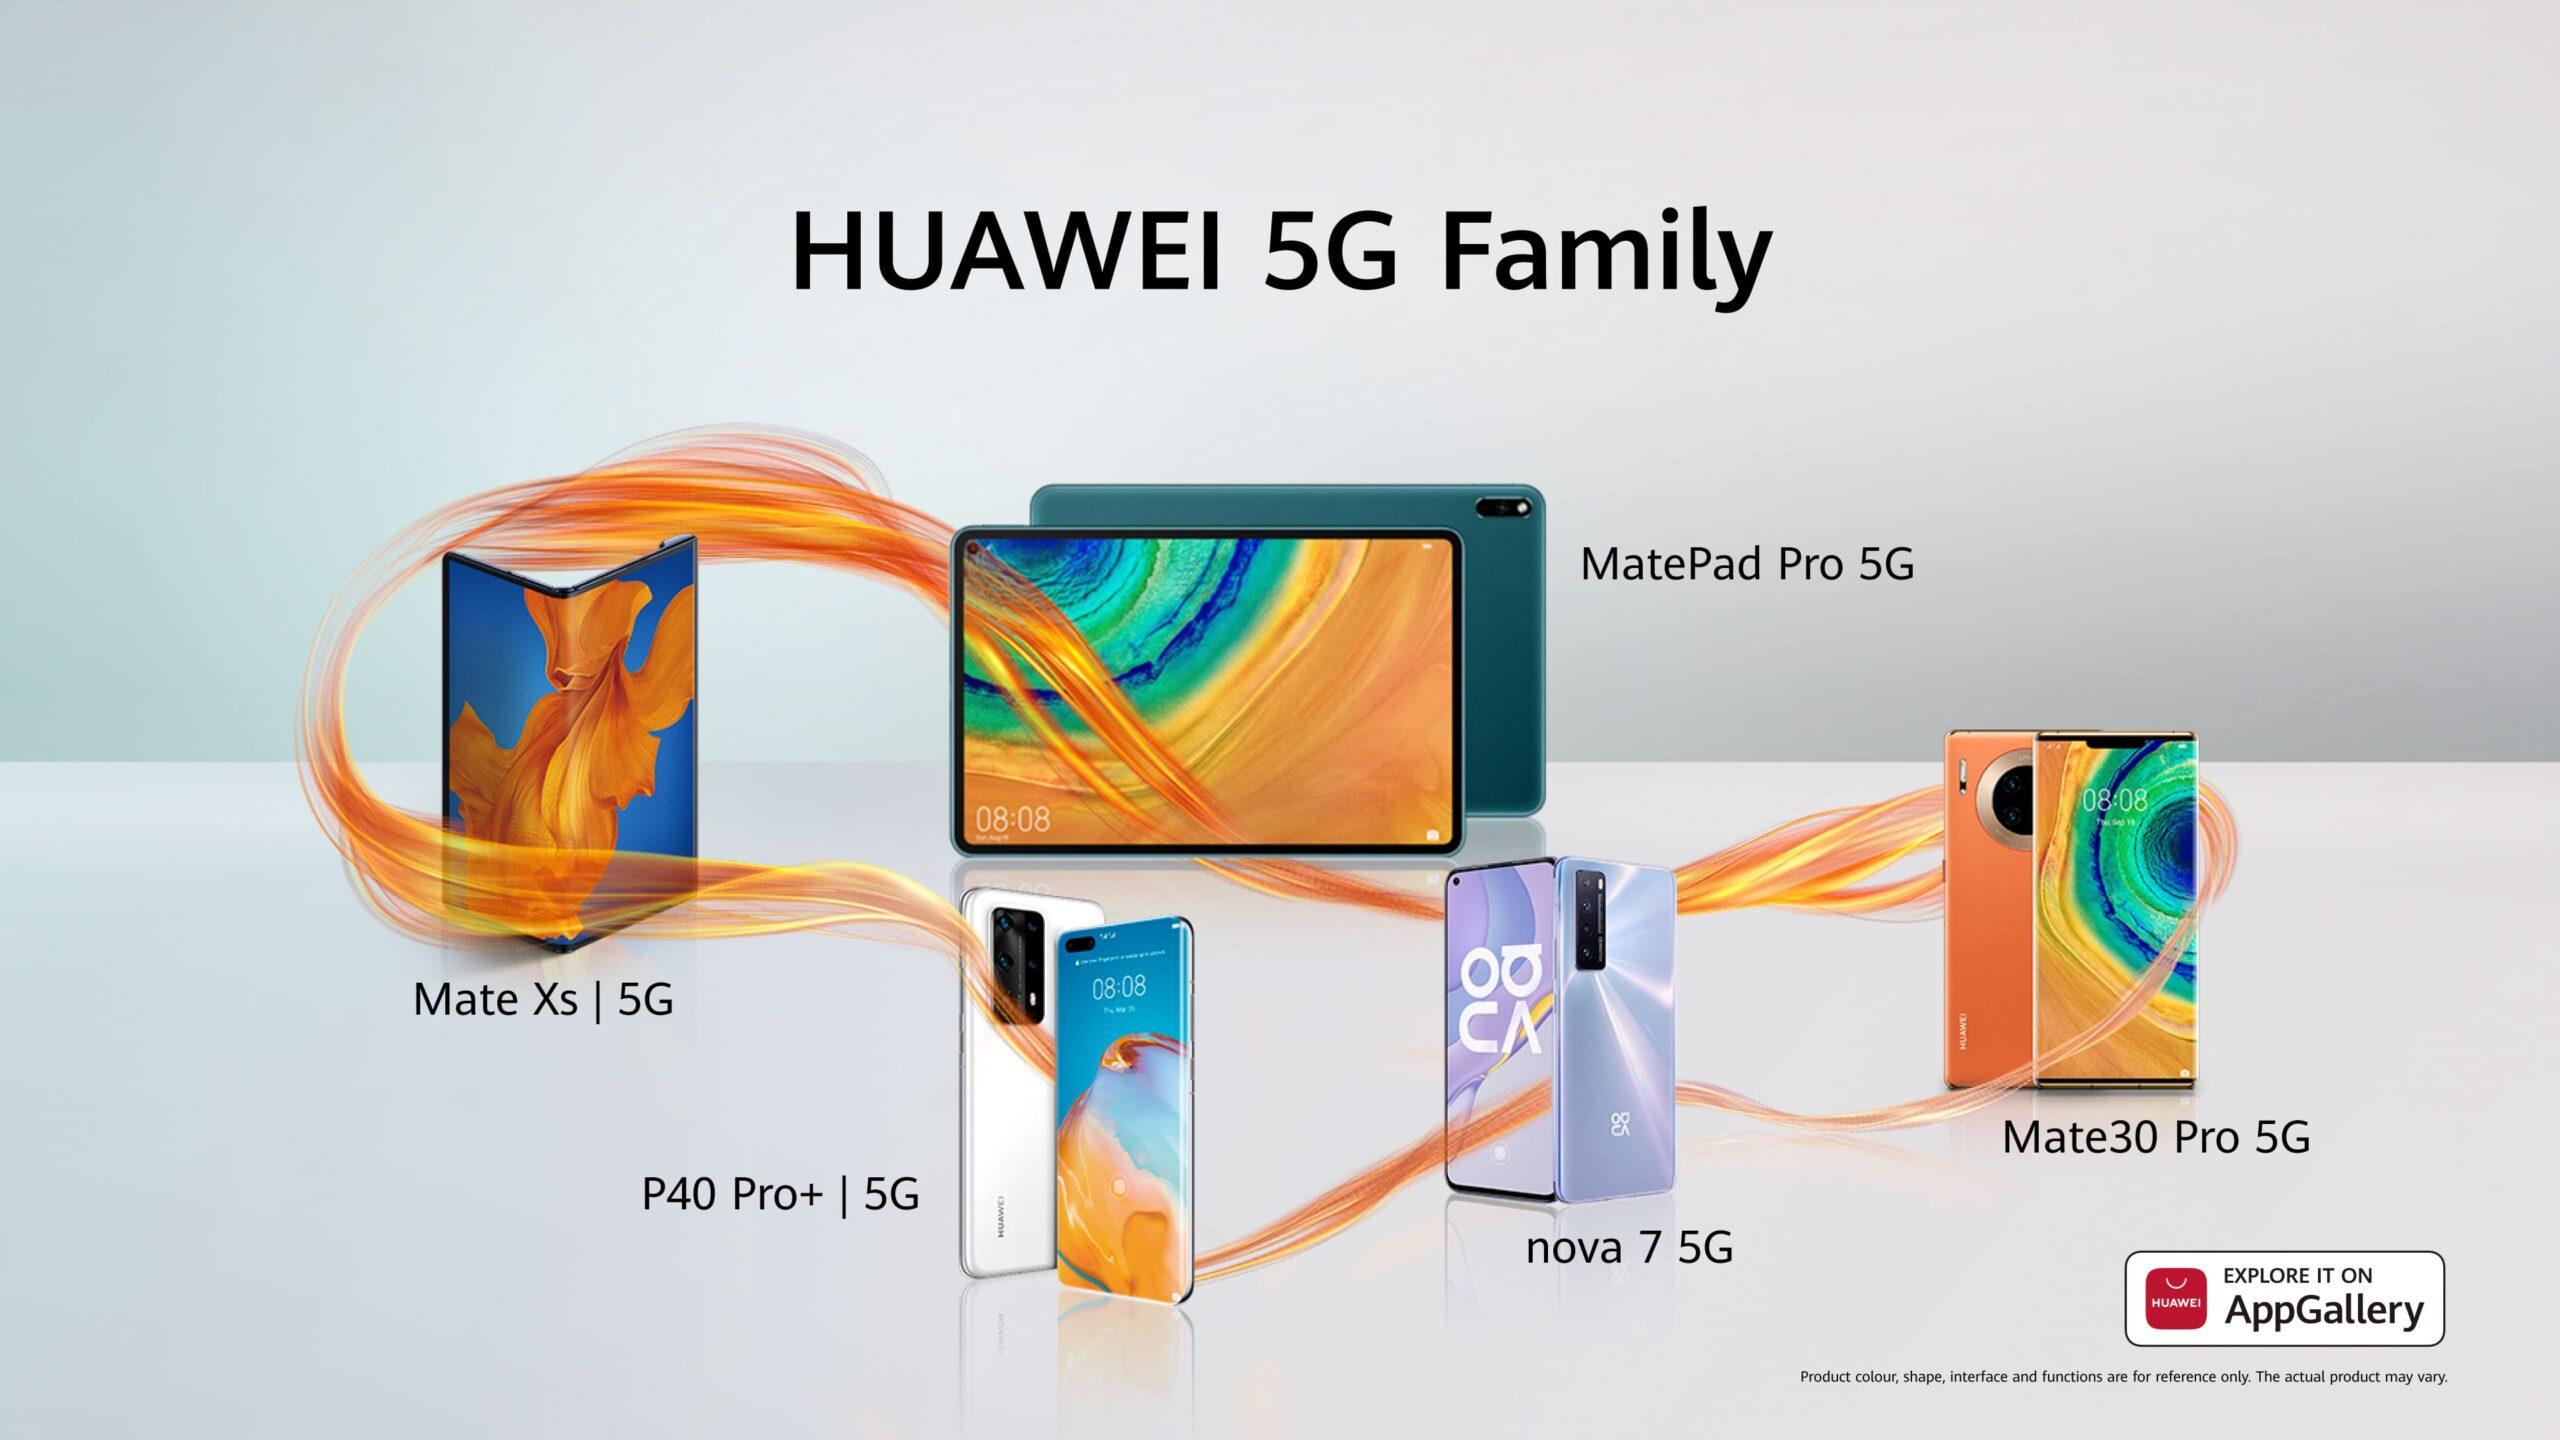 huawei_5g_family